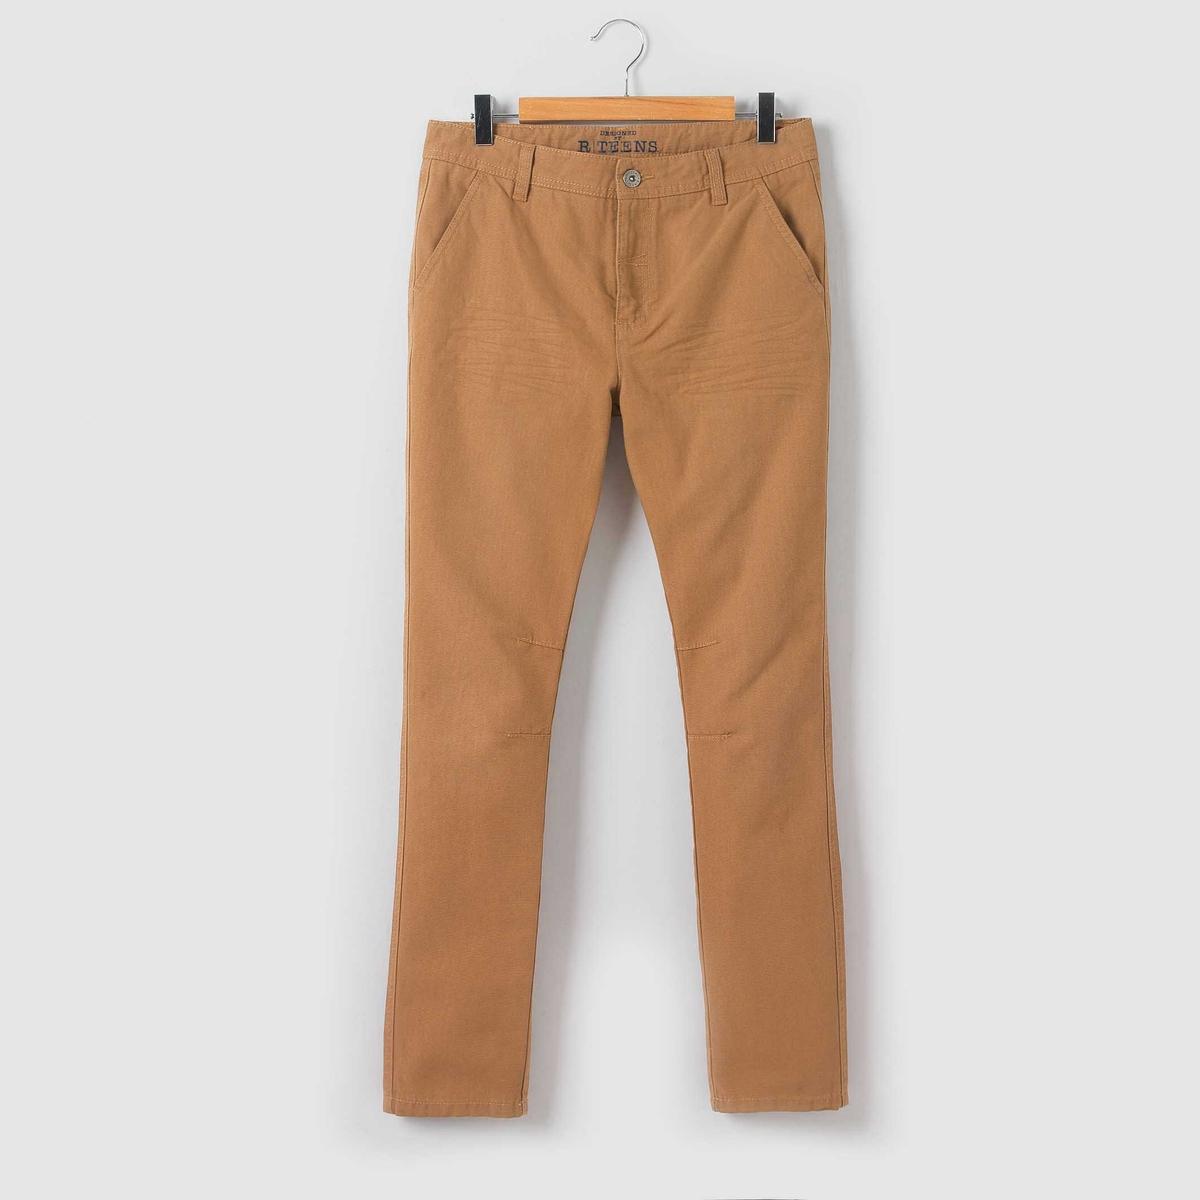 Брюки зауженные, 10-16 летЗауженные брюки, пояс со шлевками, регулируется внутренней резинкой на пуговице . Застежка на молнию и пуговицу. 2 кармана спереди и 2 прорезных кармана сзади. Заложенные складки спереди и сзади. Состав и описание : Материал        саржа стретч,  98% хлопка, 2% эластанаУход :Машинная стирка при 30 °C с вещами схожих цветов.Стирать и гладить с изнаночной стороны.Машинная сушка в умеренном режиме.Гладить при средней температуре.<br><br>Цвет: бежевый<br>Размер: 14 лет